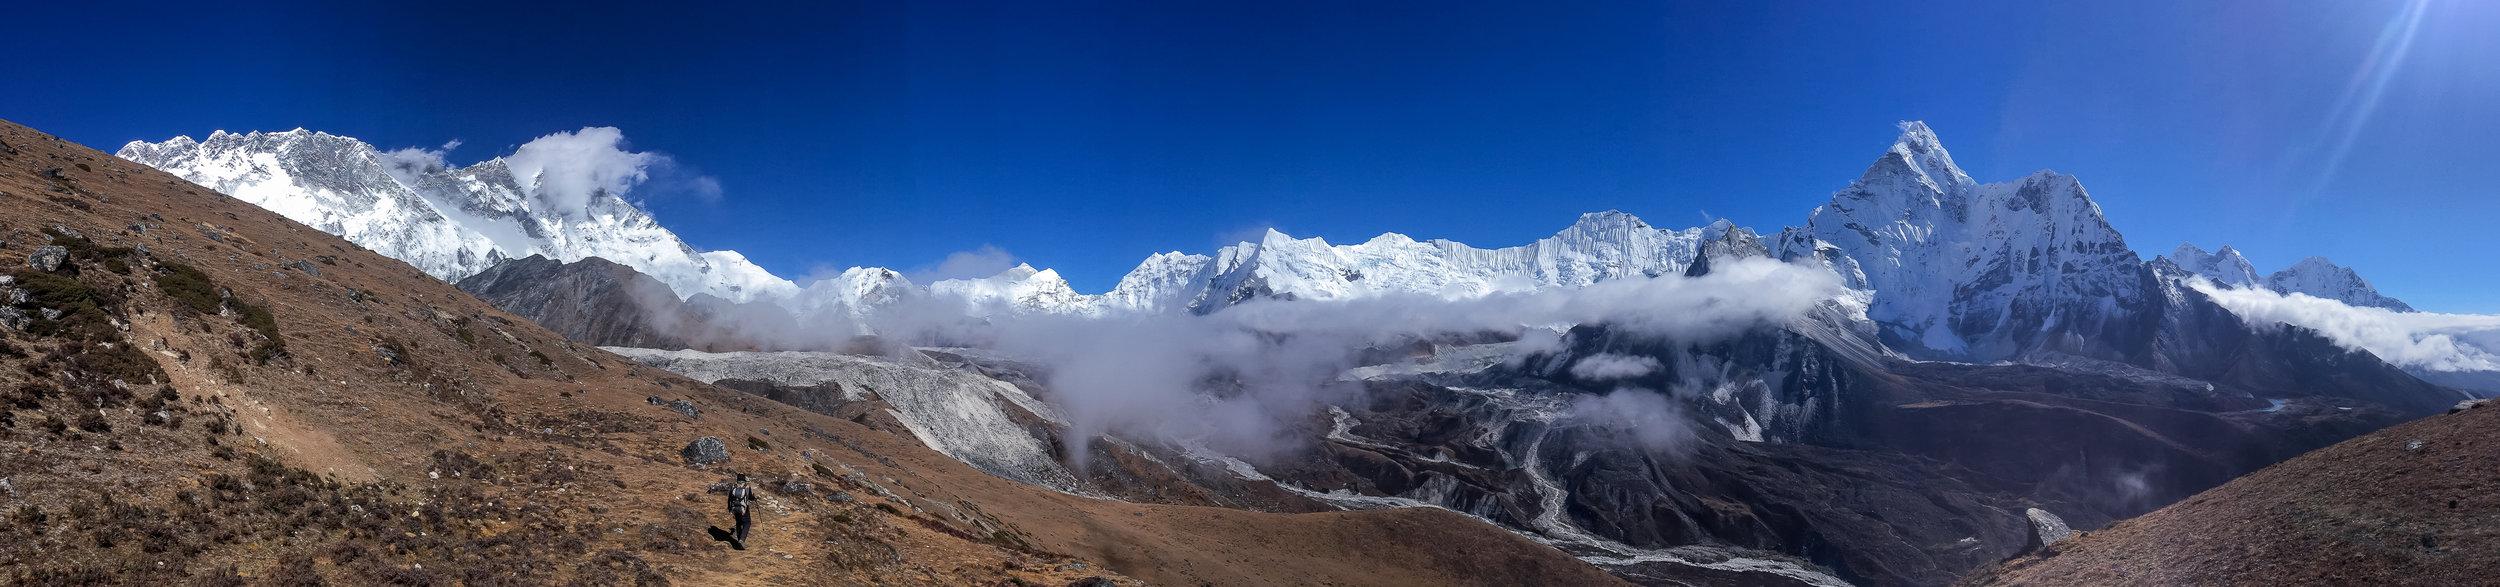 EverestTrekPart6_014.jpg